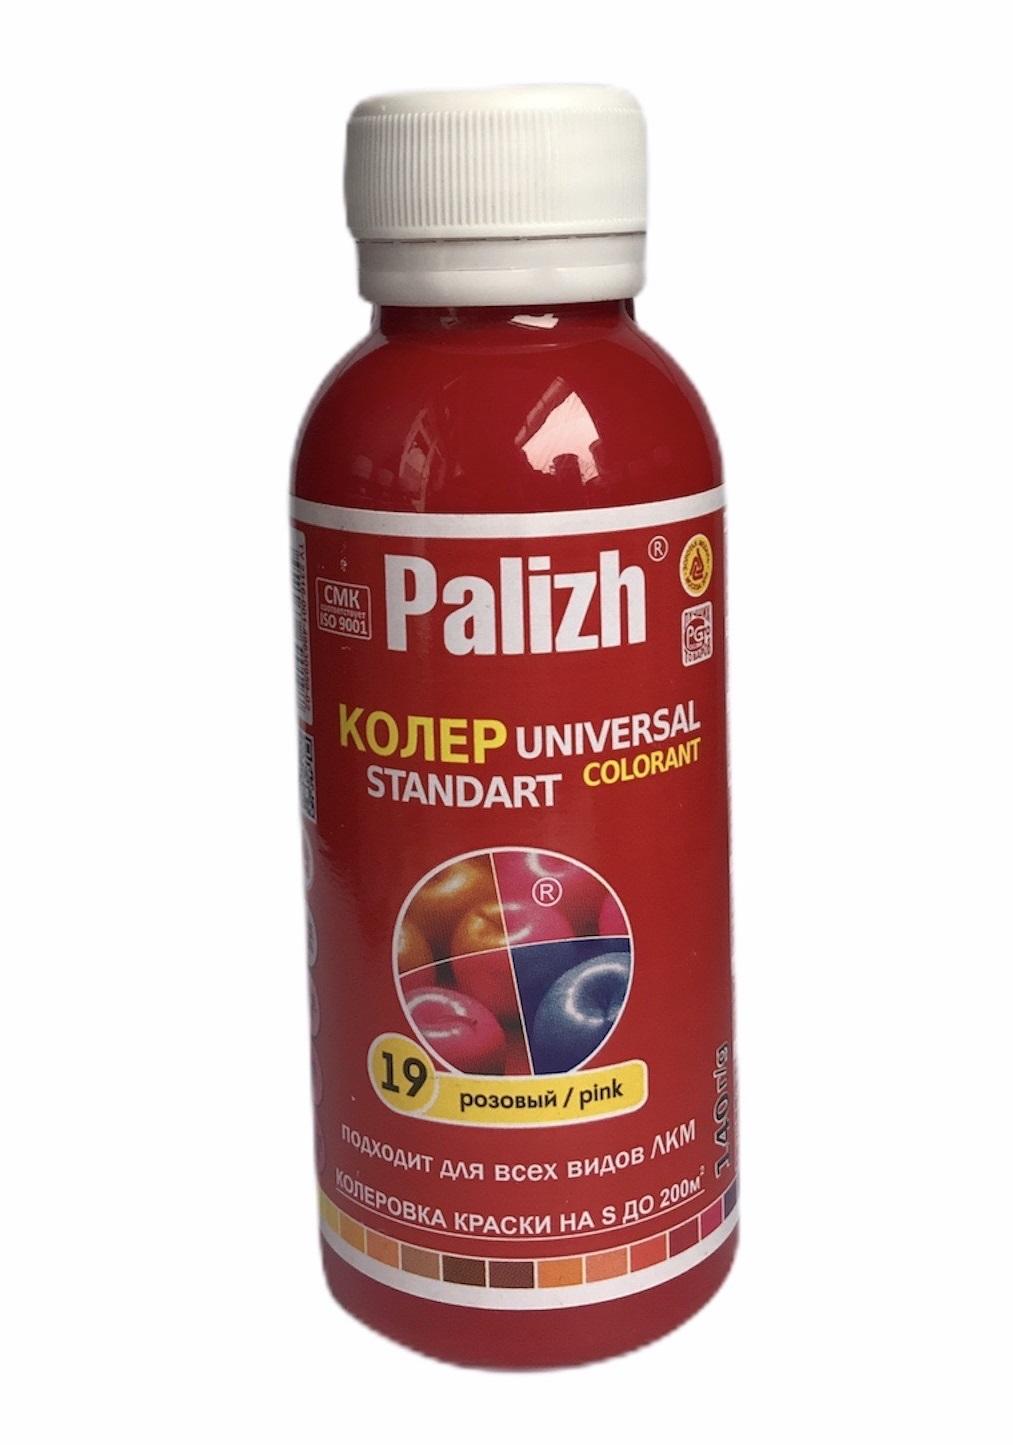 Колер универсальный Palizh №19 розов. 100мл - фото